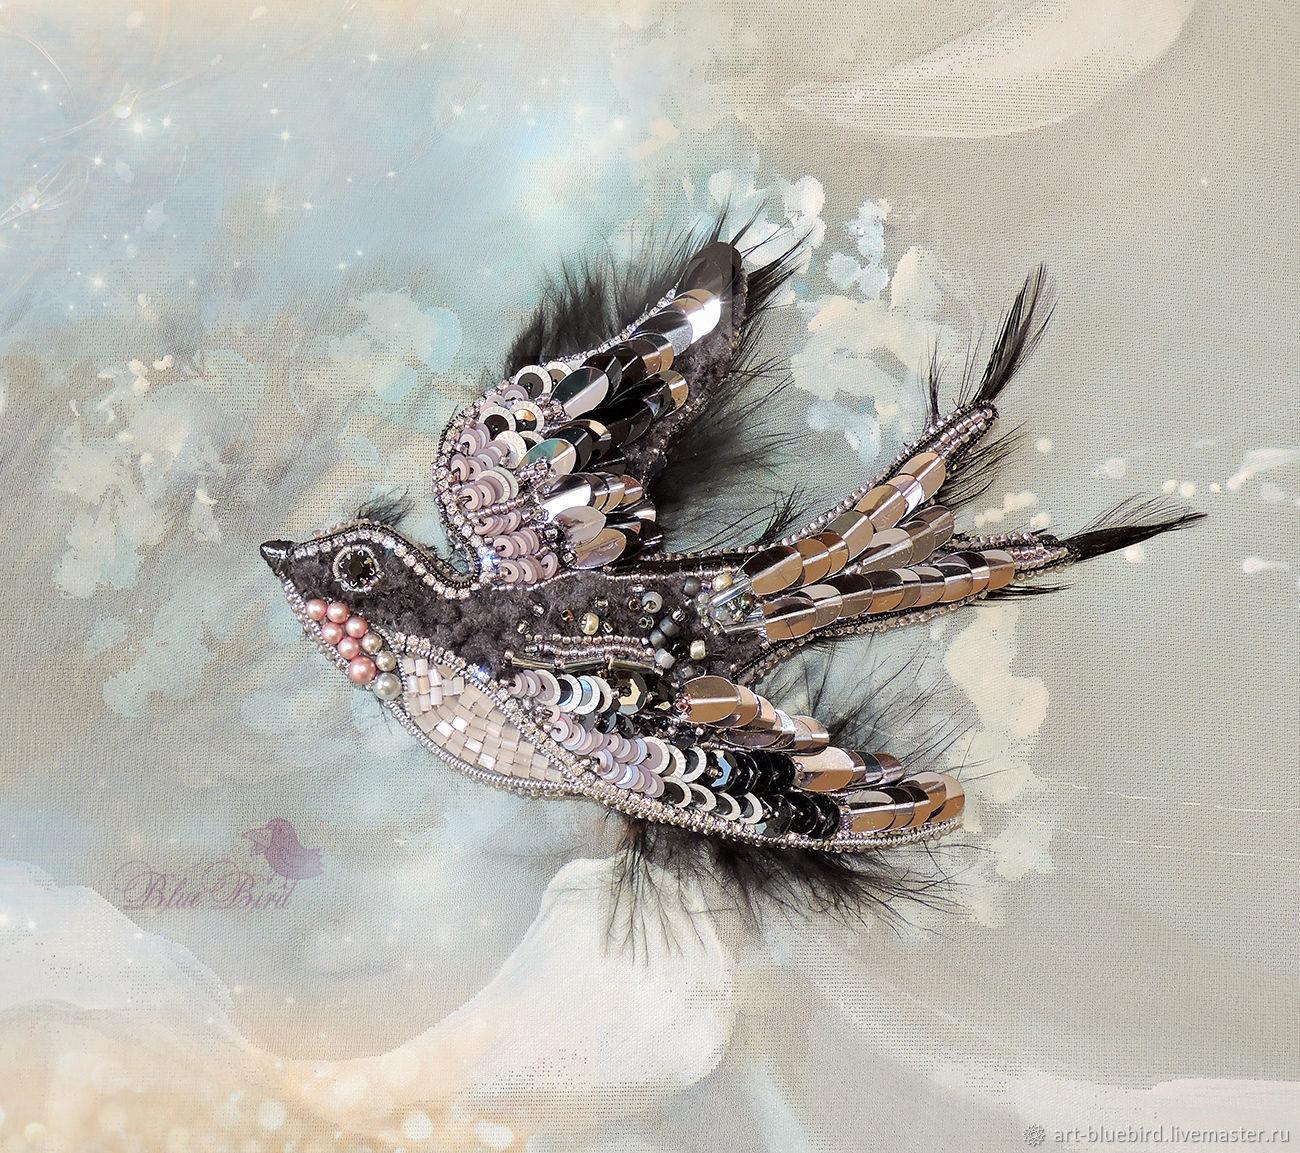 Брошь Ласточка, брошь птица, брошка с птицей, брошь бисером, украшения, Брошь-булавка, Находка,  Фото №1